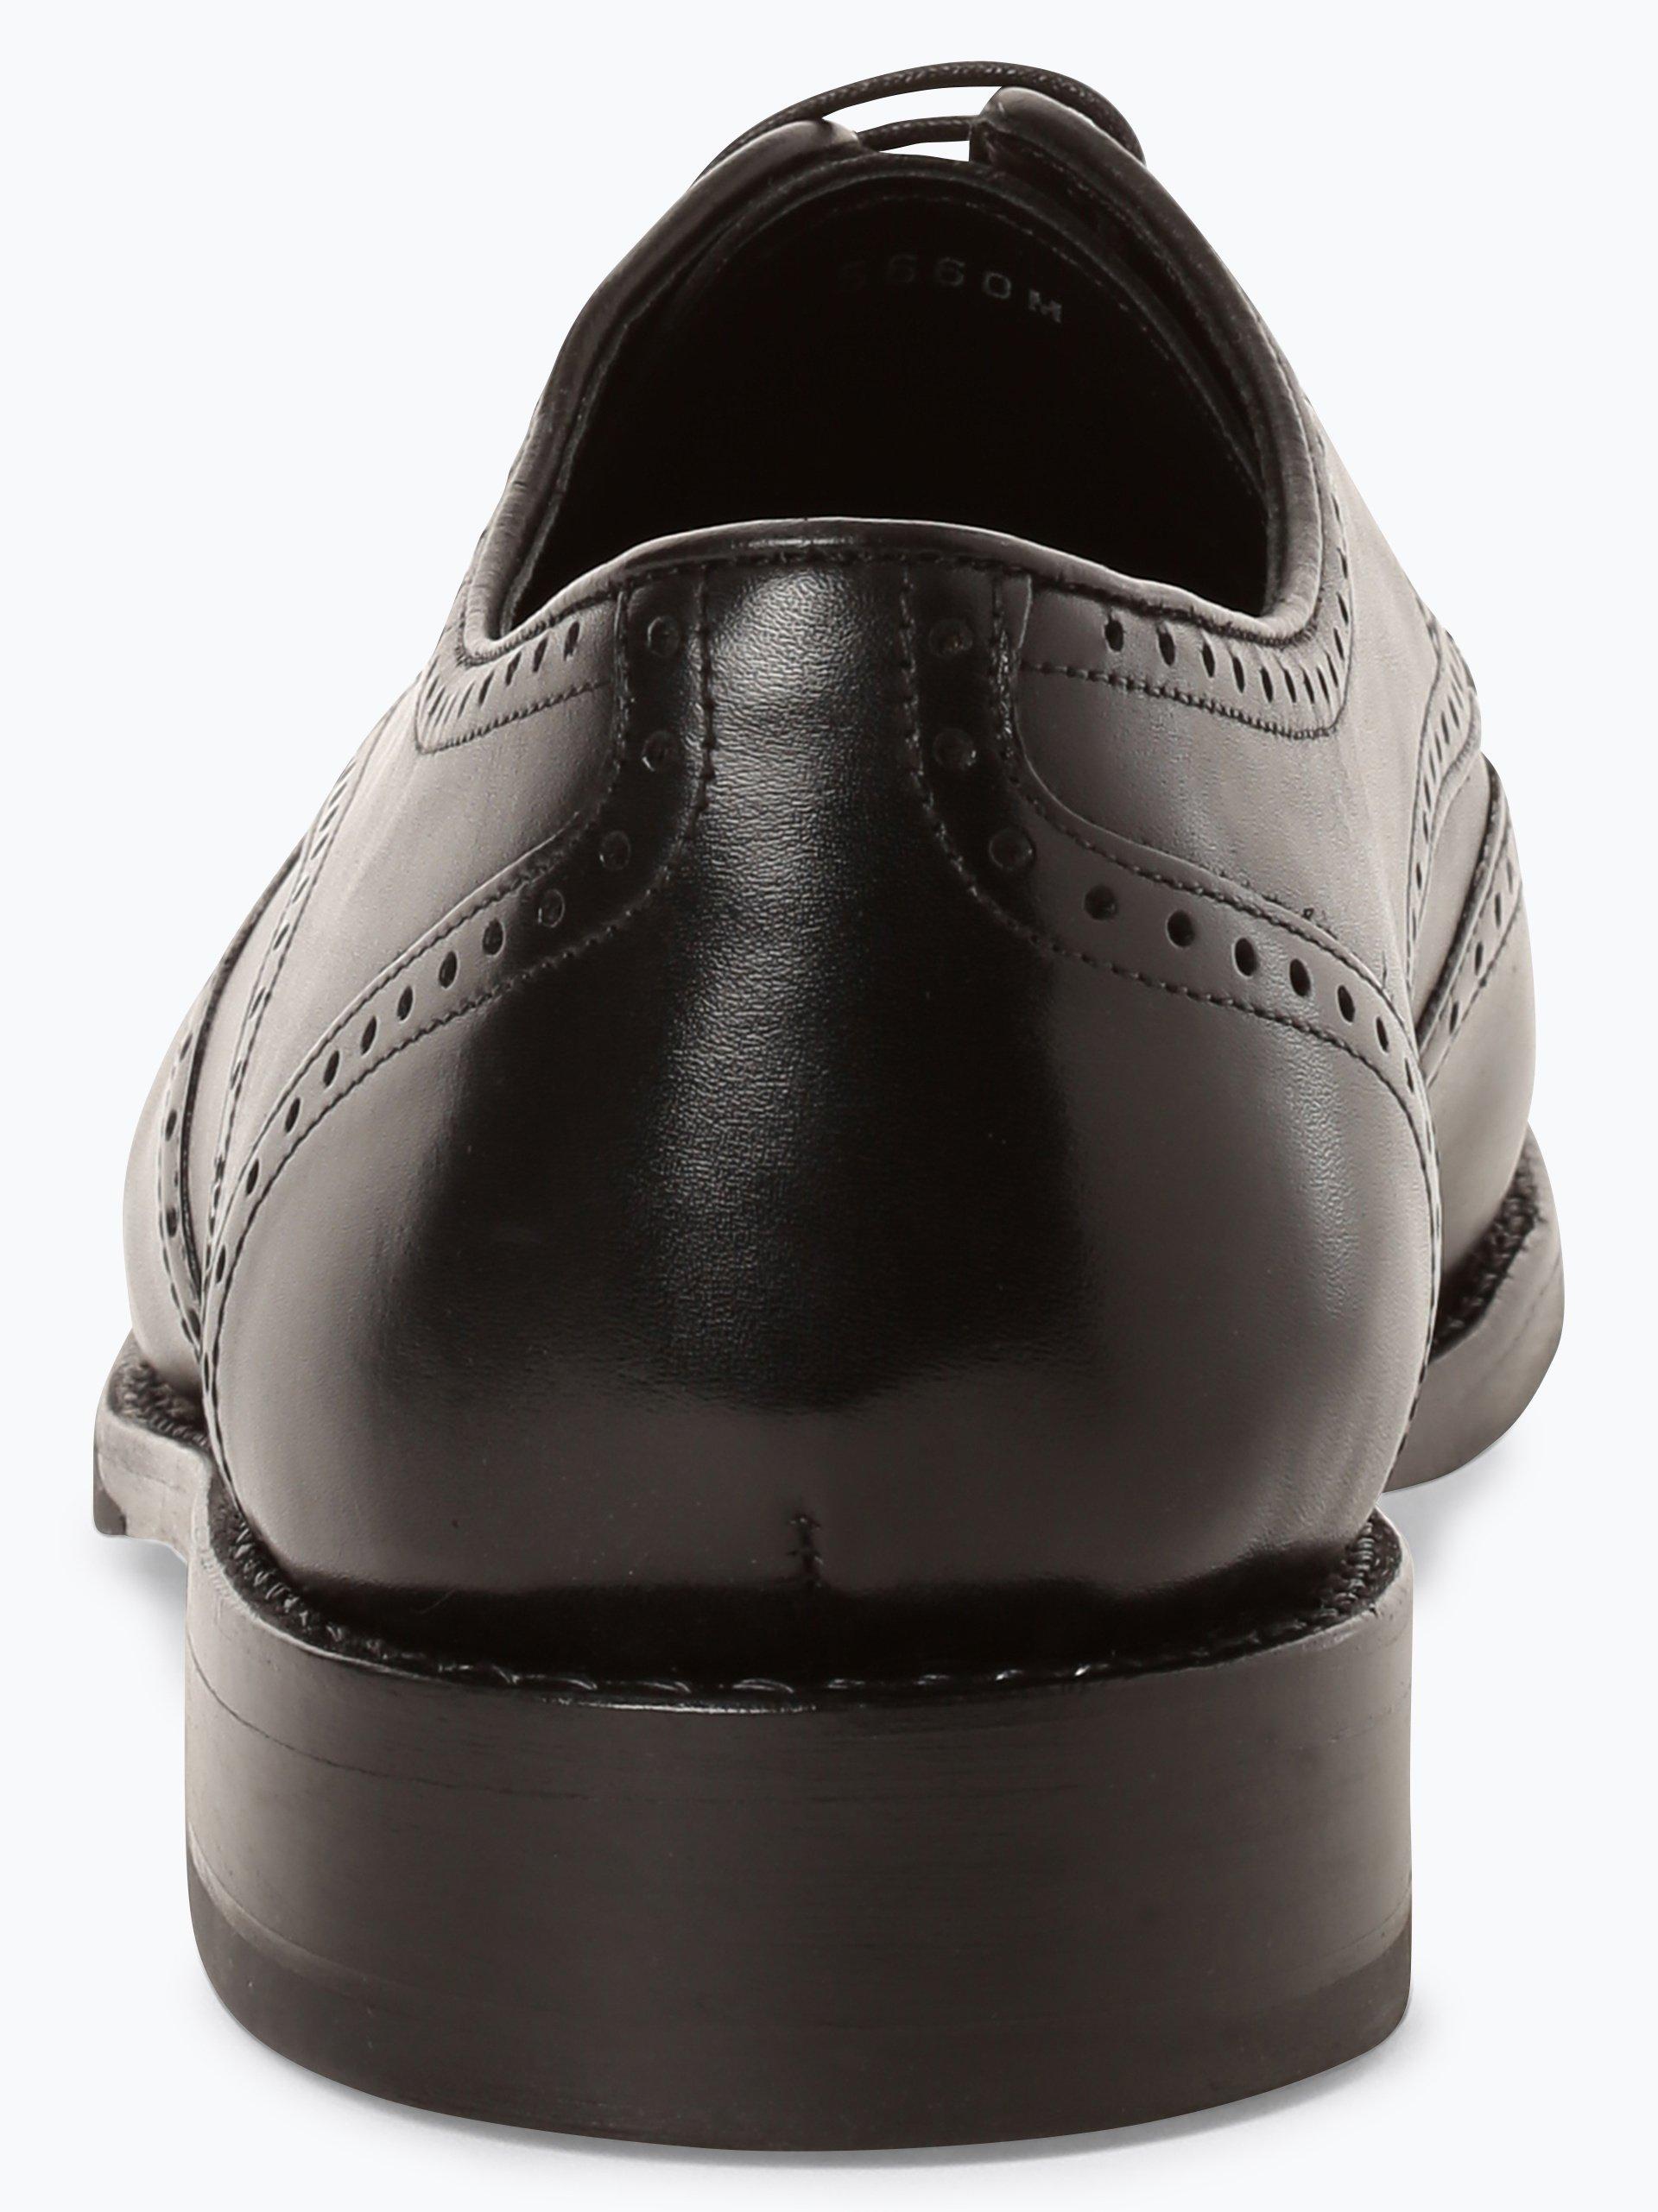 Gordon & Bros. Herren Schuhe aus Leder - Levet